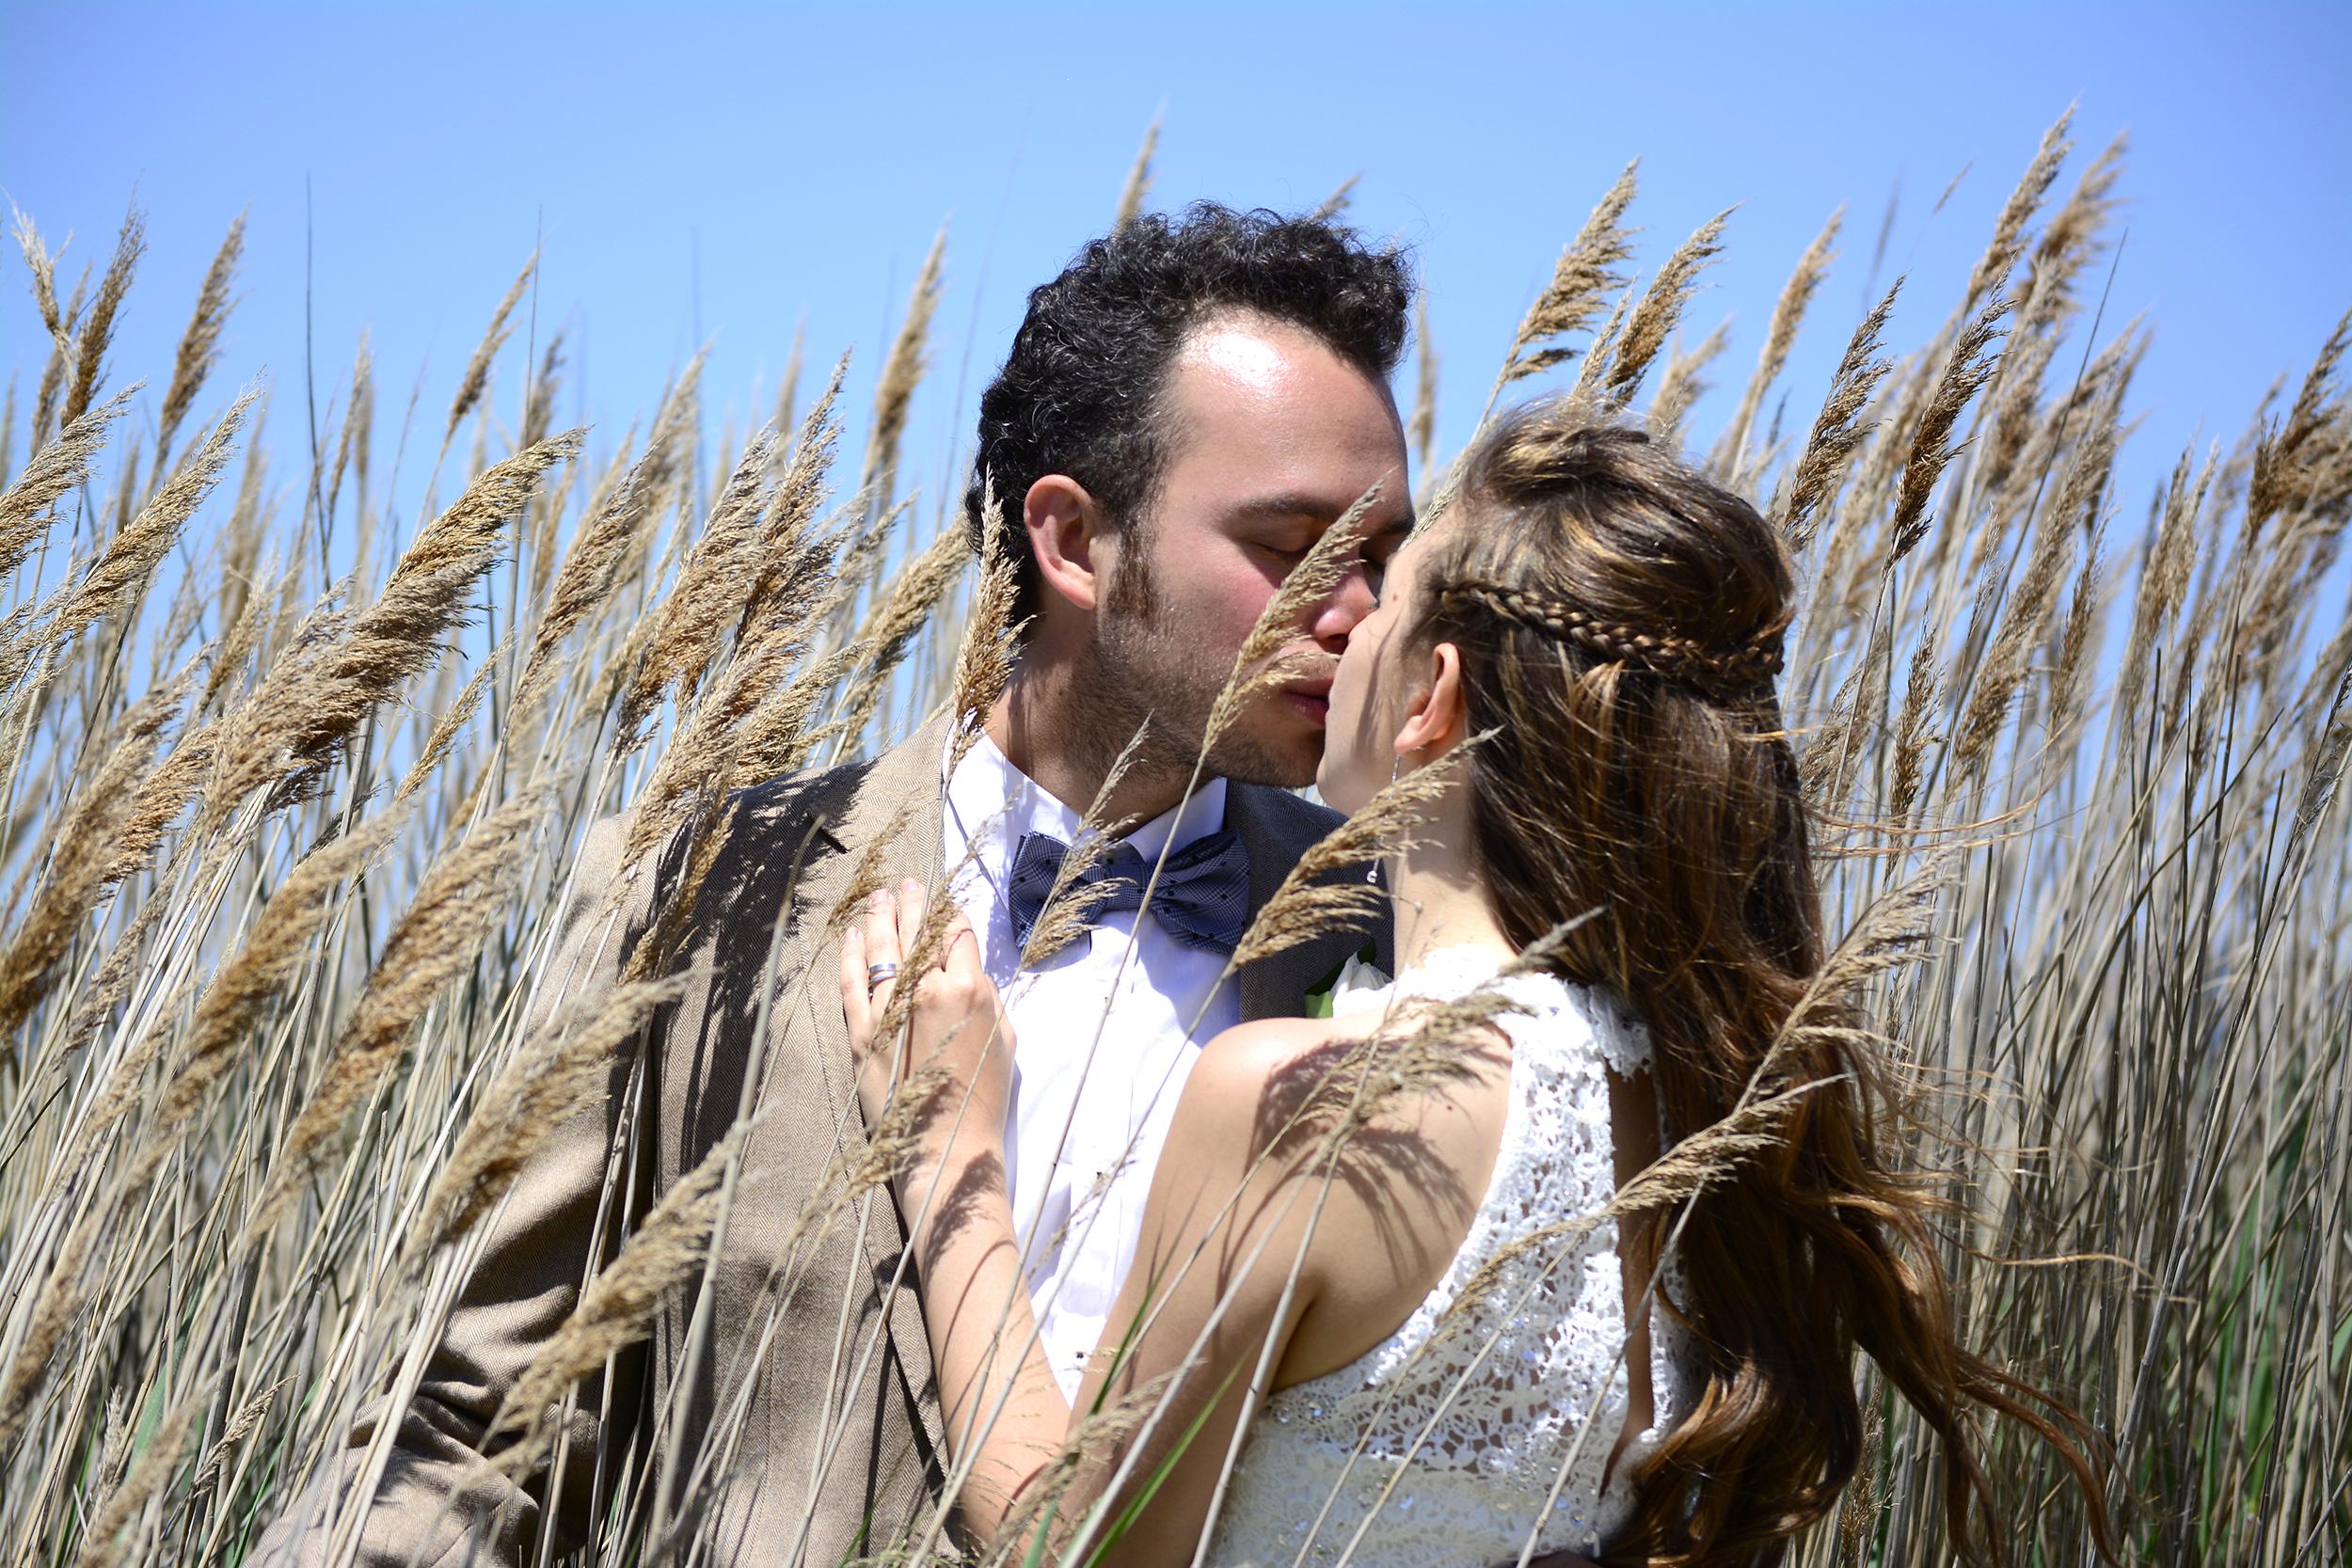 Fotografías de la boda realizada en el Camping Delfín Verde, con su ceremonia  celebrada en la playa de La Fonollera de Torroella de Montgri, cerca de la Gola de Ter y delante de Les Illes Formigues.